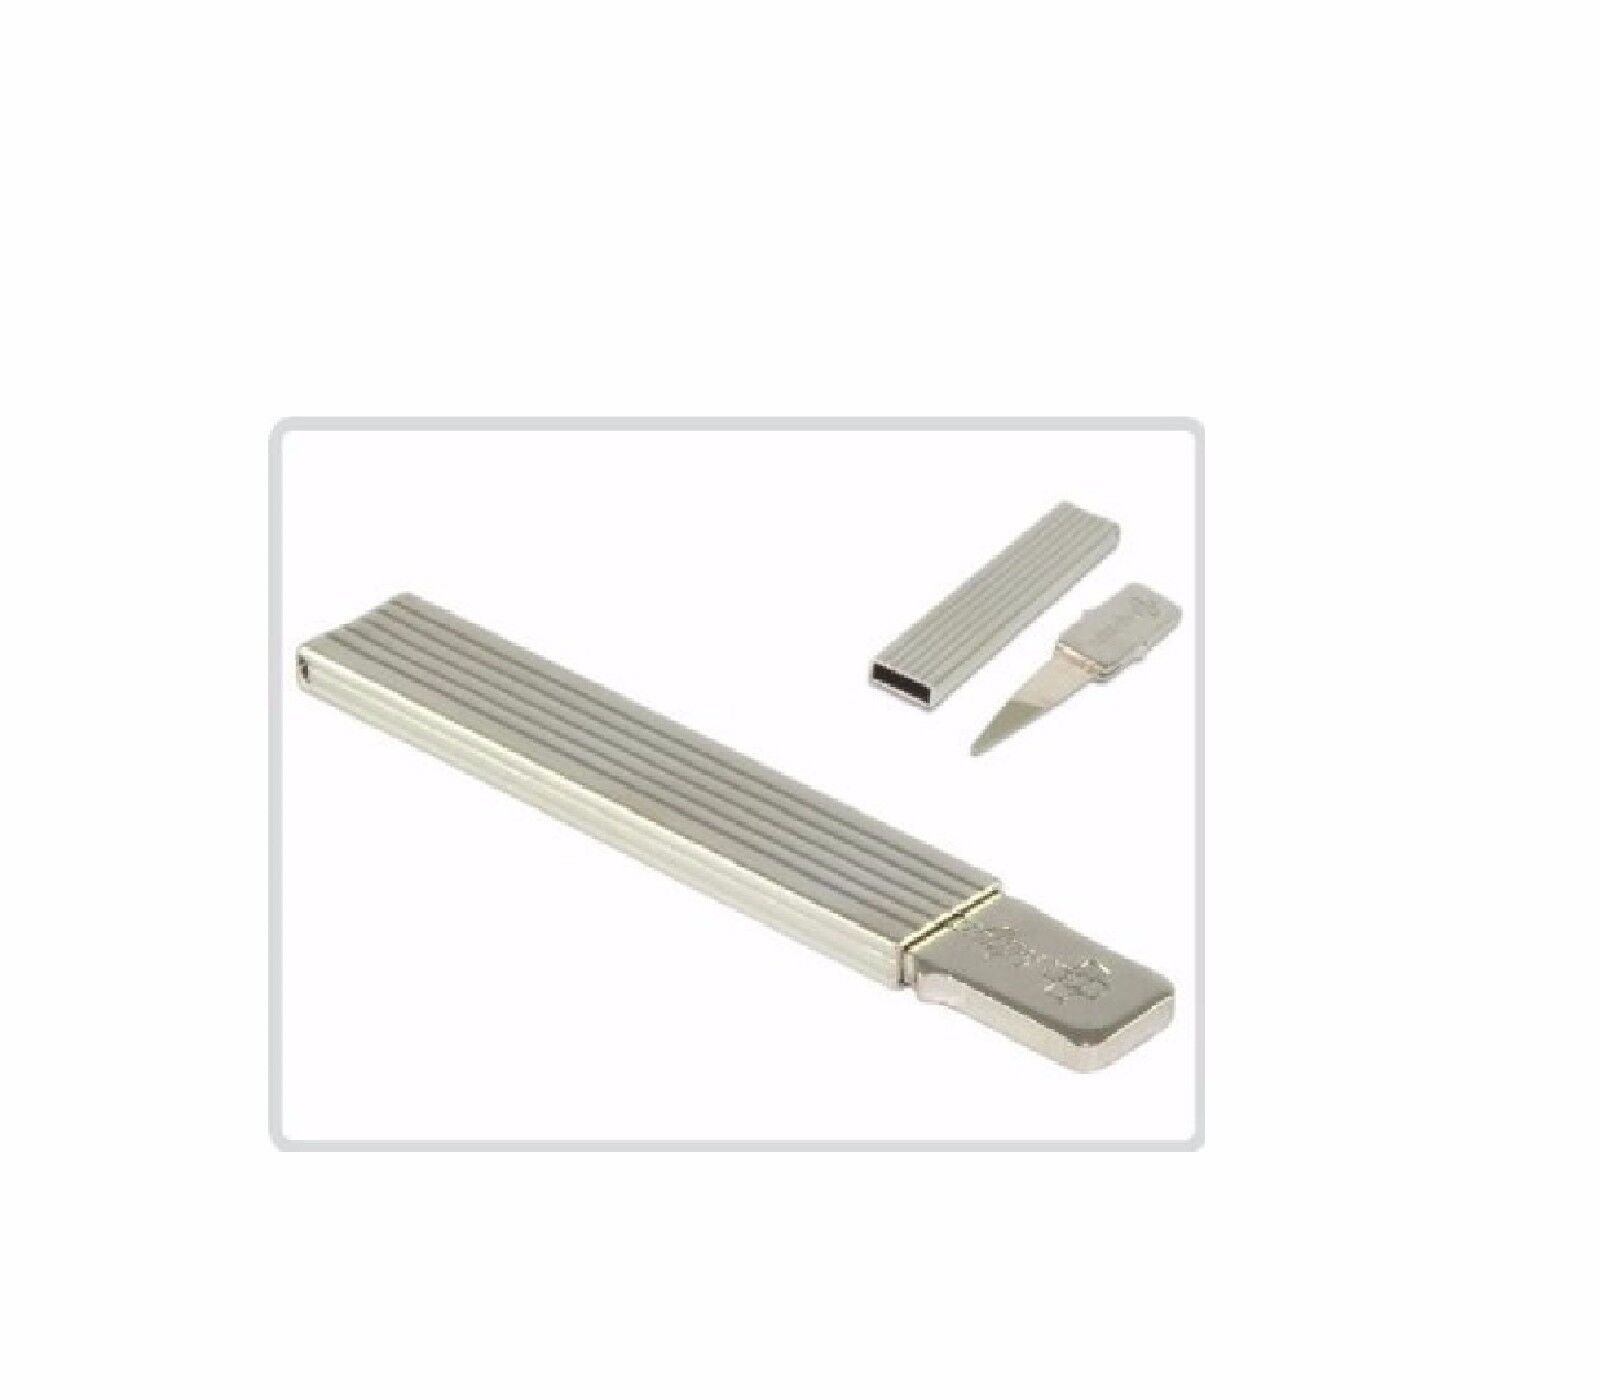 MAYA Dauerzahnstocher mit dem reinen Silberblatt 835° (EINE KARTE MIT 12 Stck.)